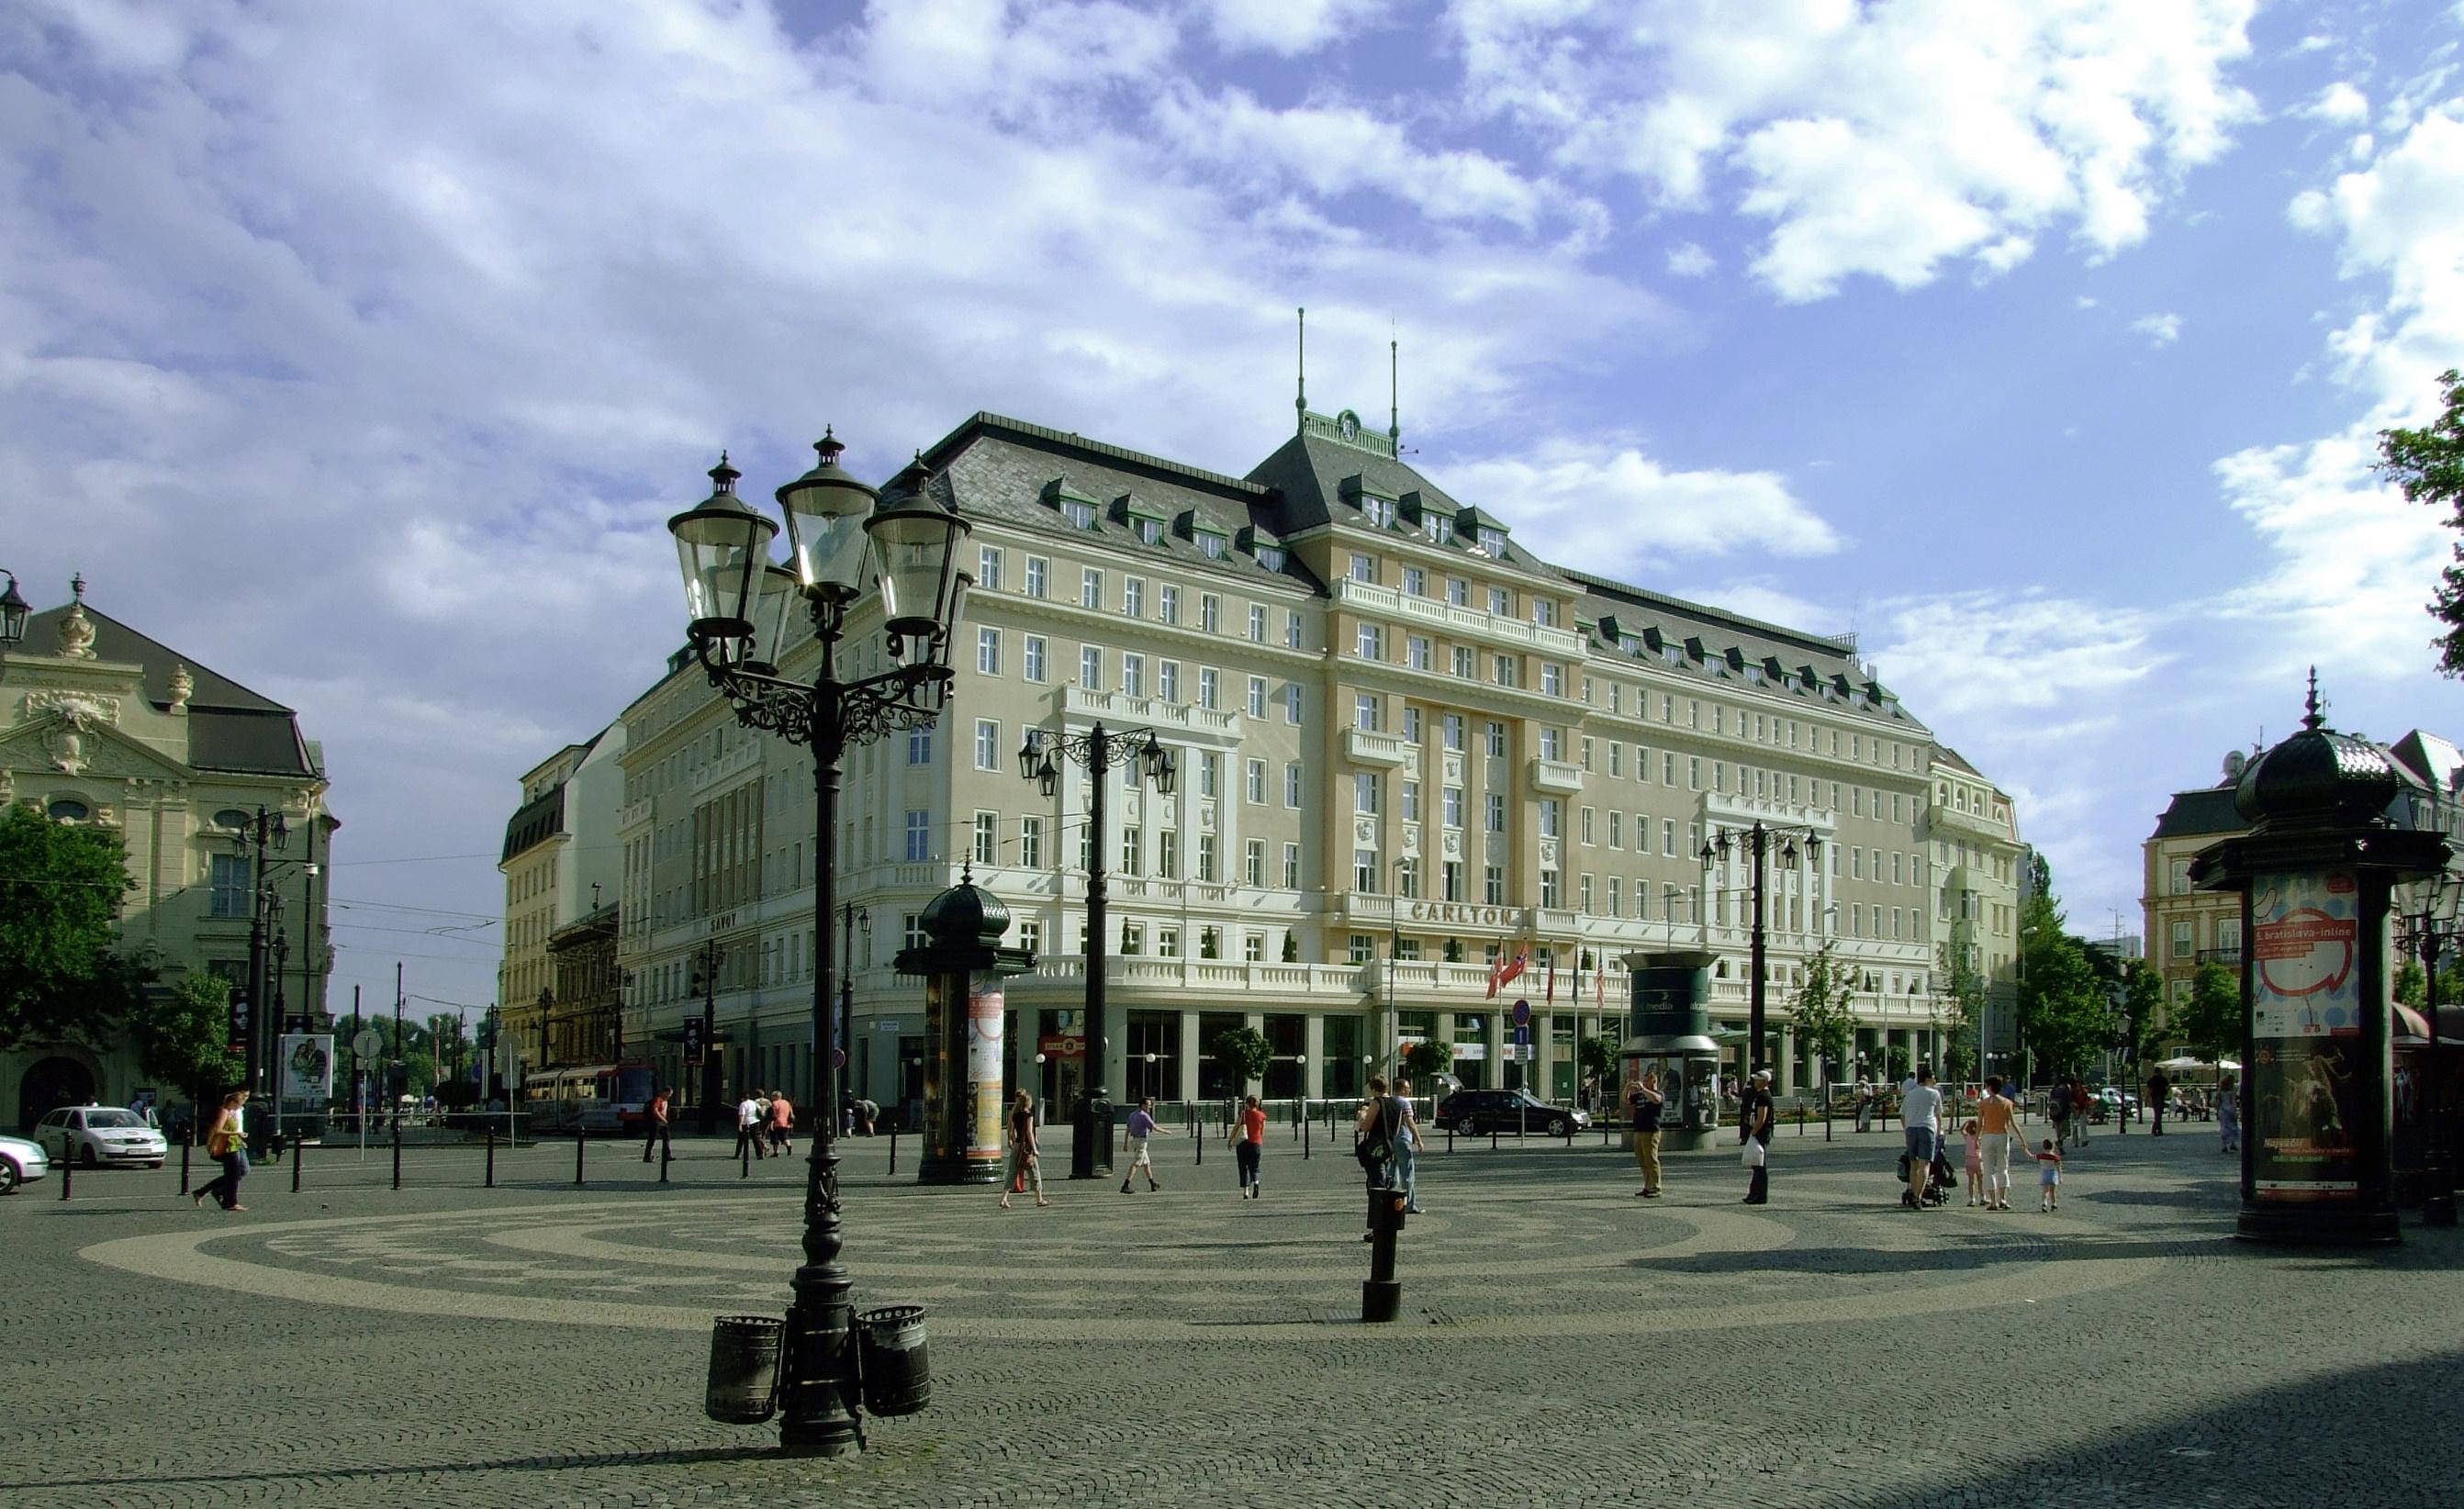 File:Bratislava, Staré Mesto, Hviezdoslavovo námestie, hotel Carlton.jpg -  Wikimedia Commons